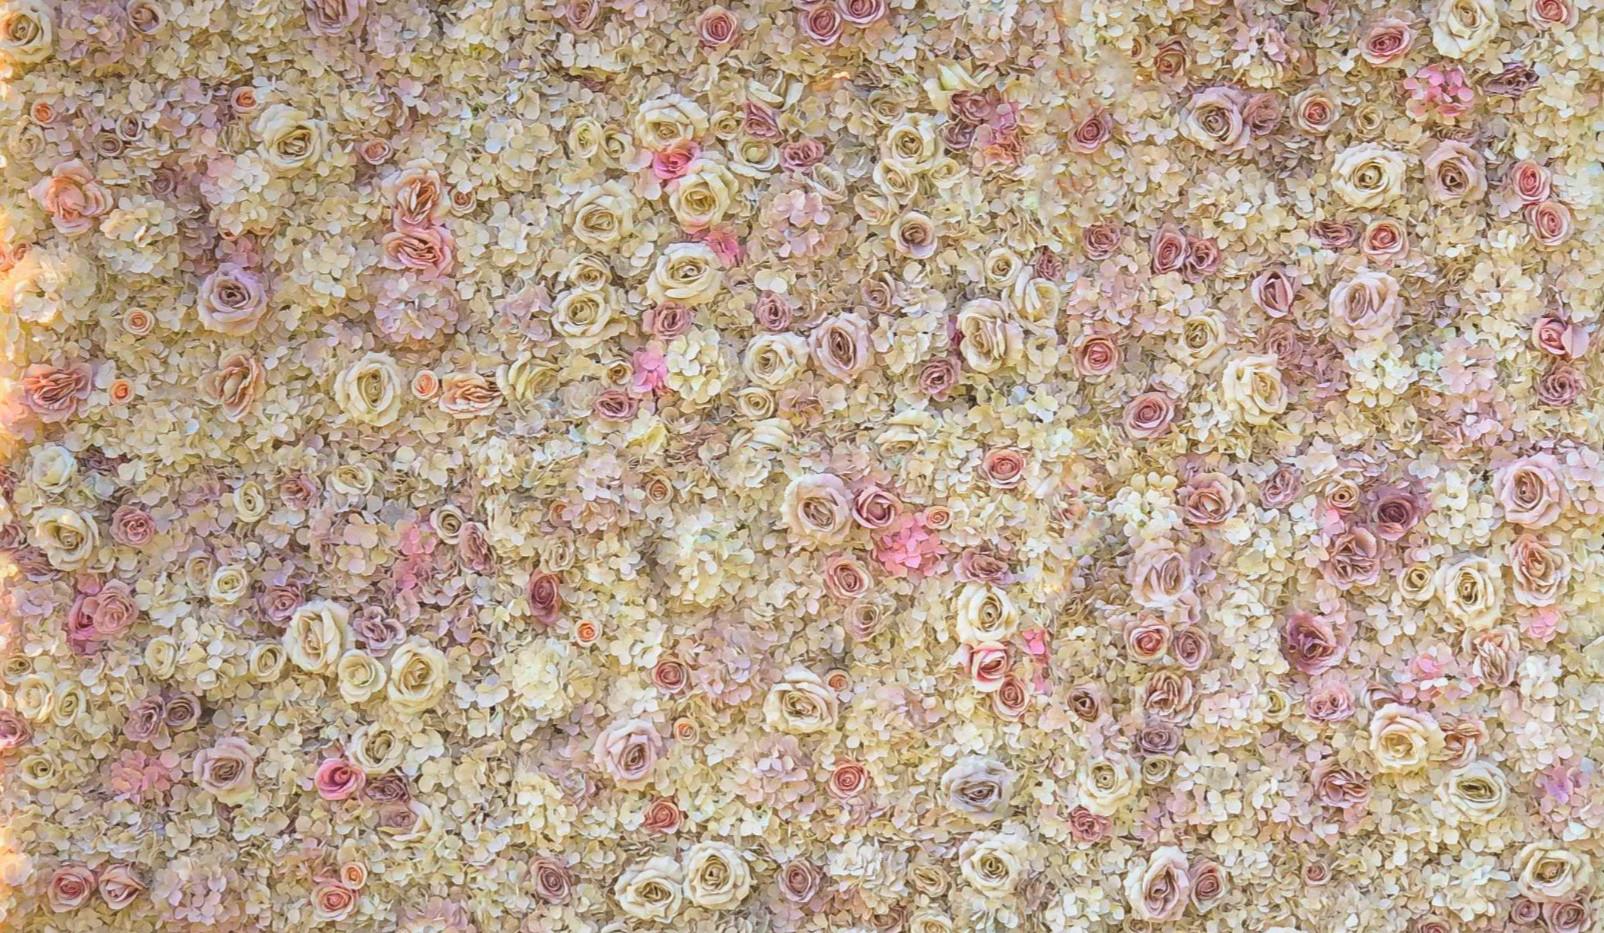 flower wall kopia1_edited_edited.jpg.jpg